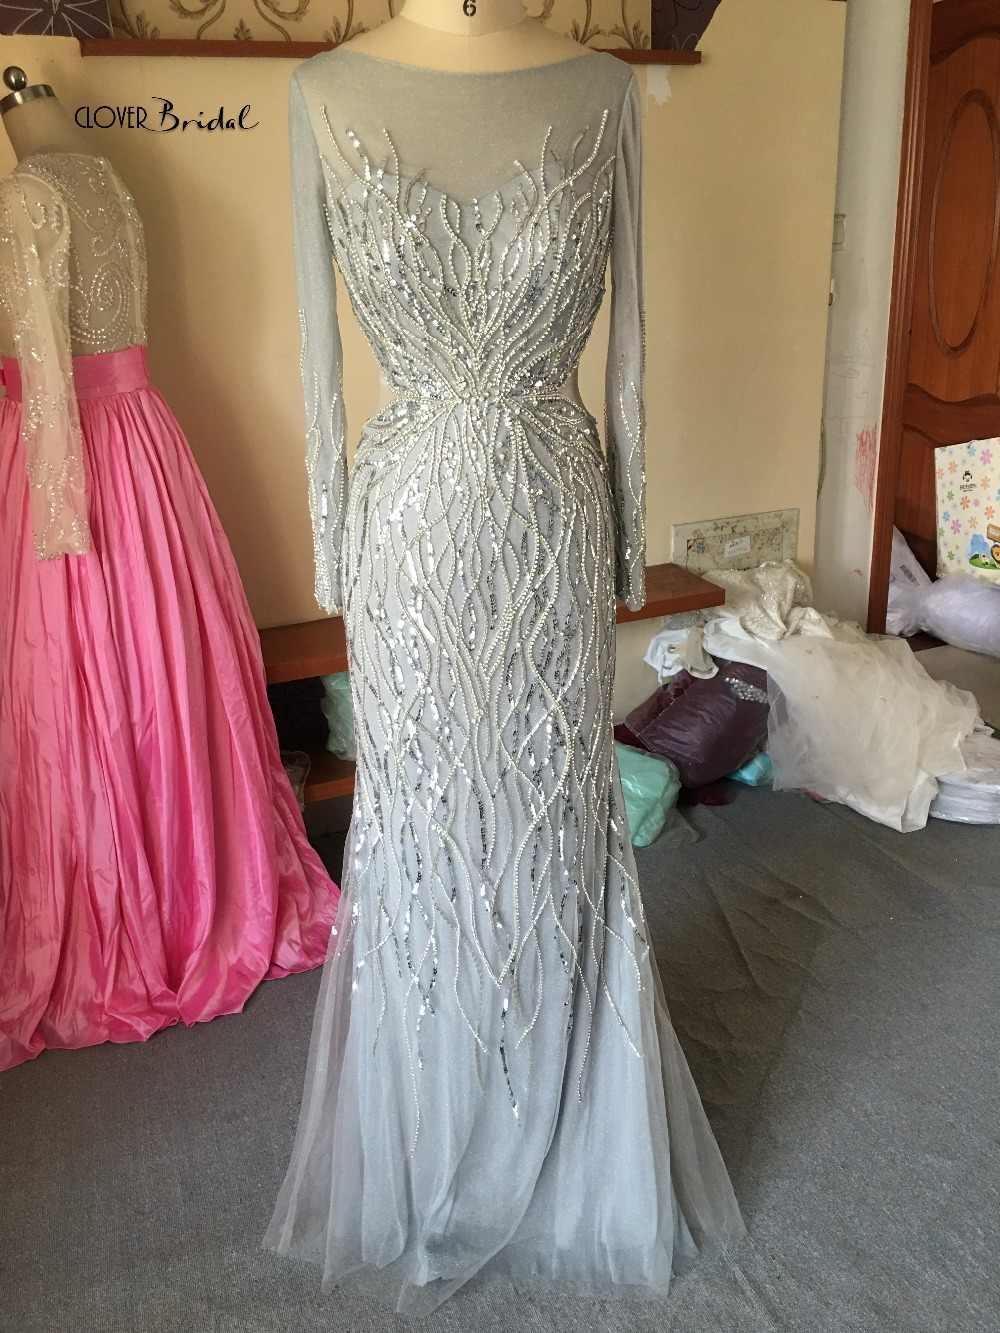 CloverBridal lange armel silberperlen festliche kleider abendkleider 2019 lange mouwen silver stenen avondjurk luxe